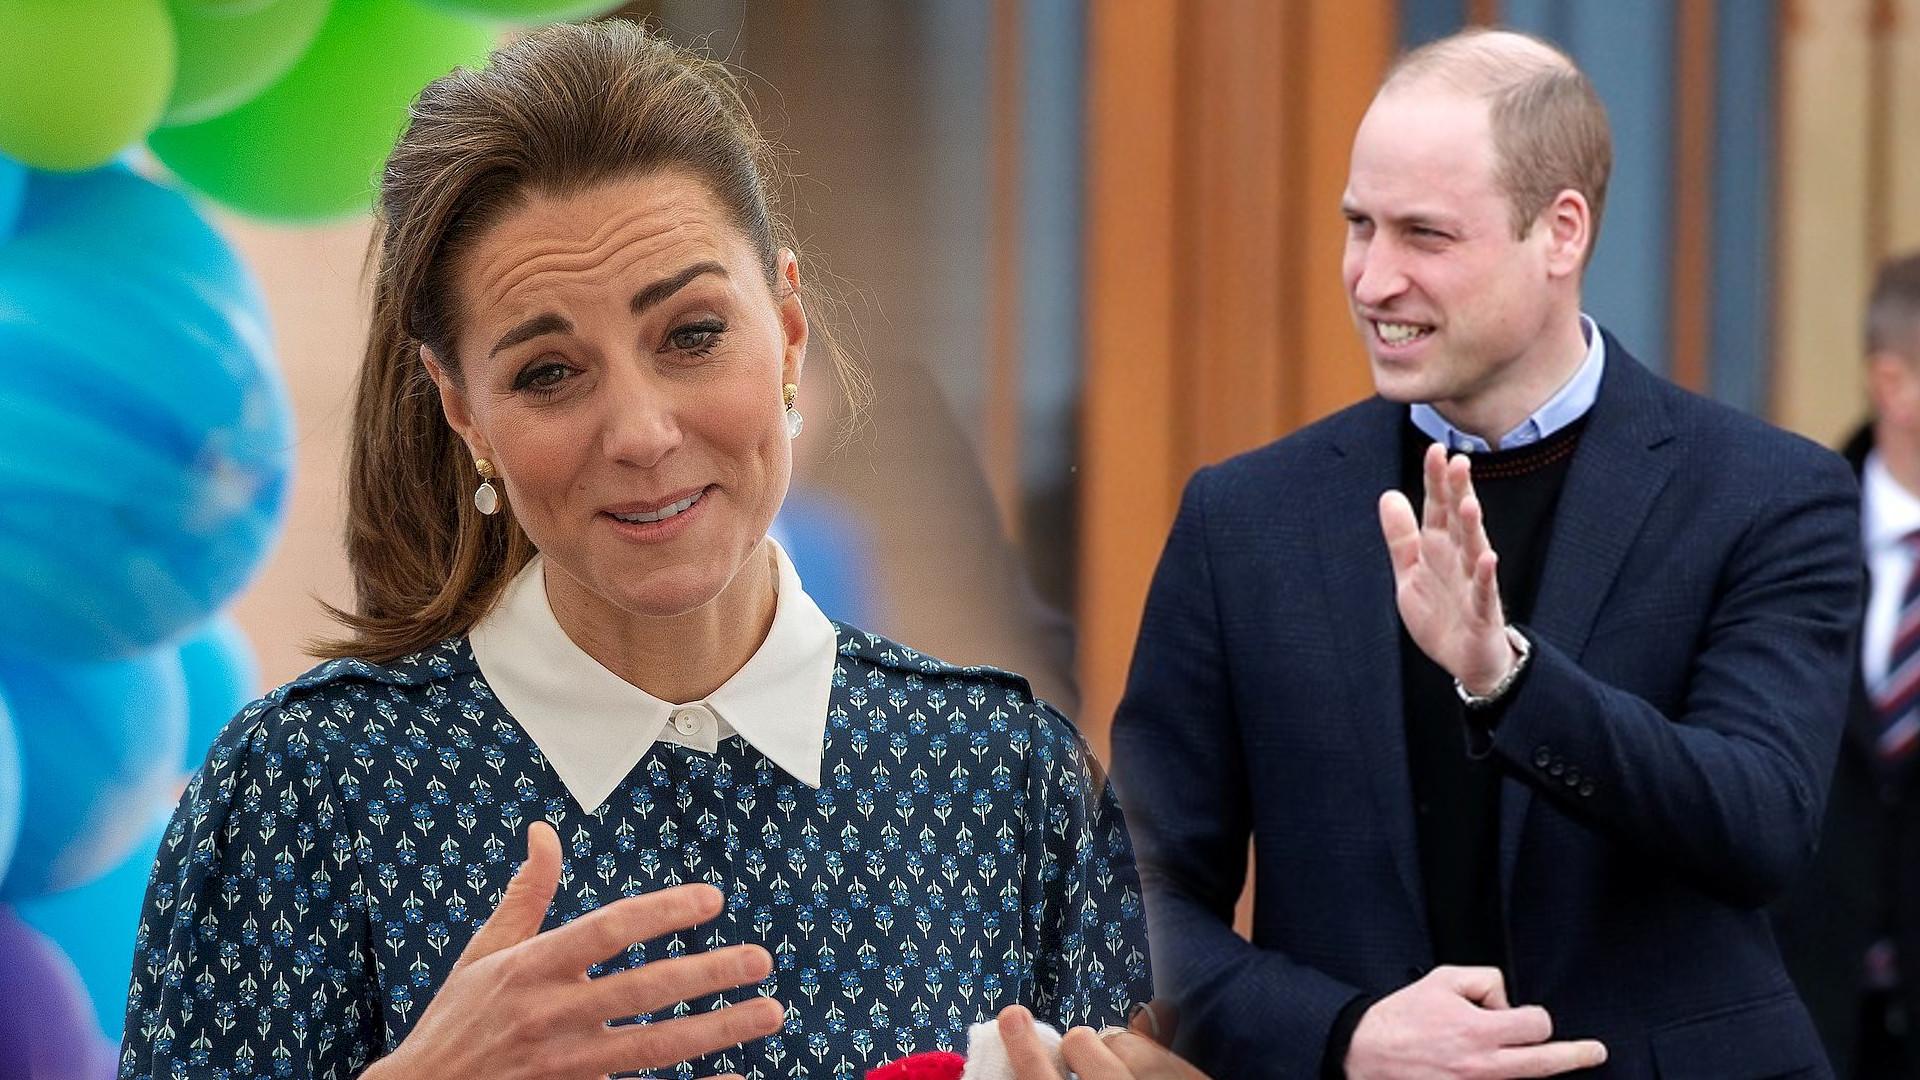 Książę William wyznał, jaki NAJGORSZY prezent dał Kate Middleton: Nigdy nie pozwoliła mi o tym zapomnieć